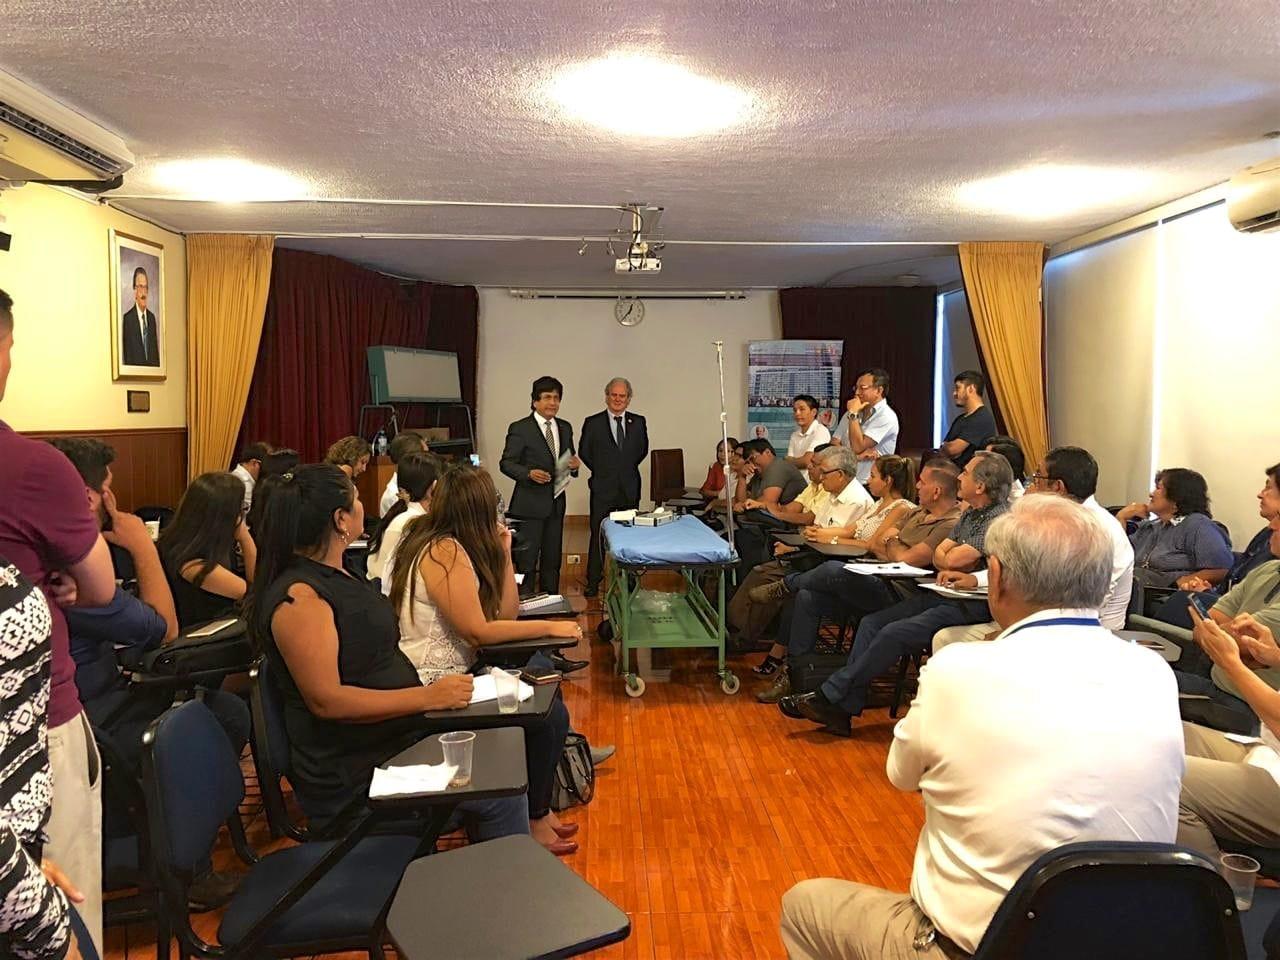 Curso practico internacional avanzado de ozonoterapia y terapias combinadas aplicadas a terapia de dolor y tratamientos clinicos 011